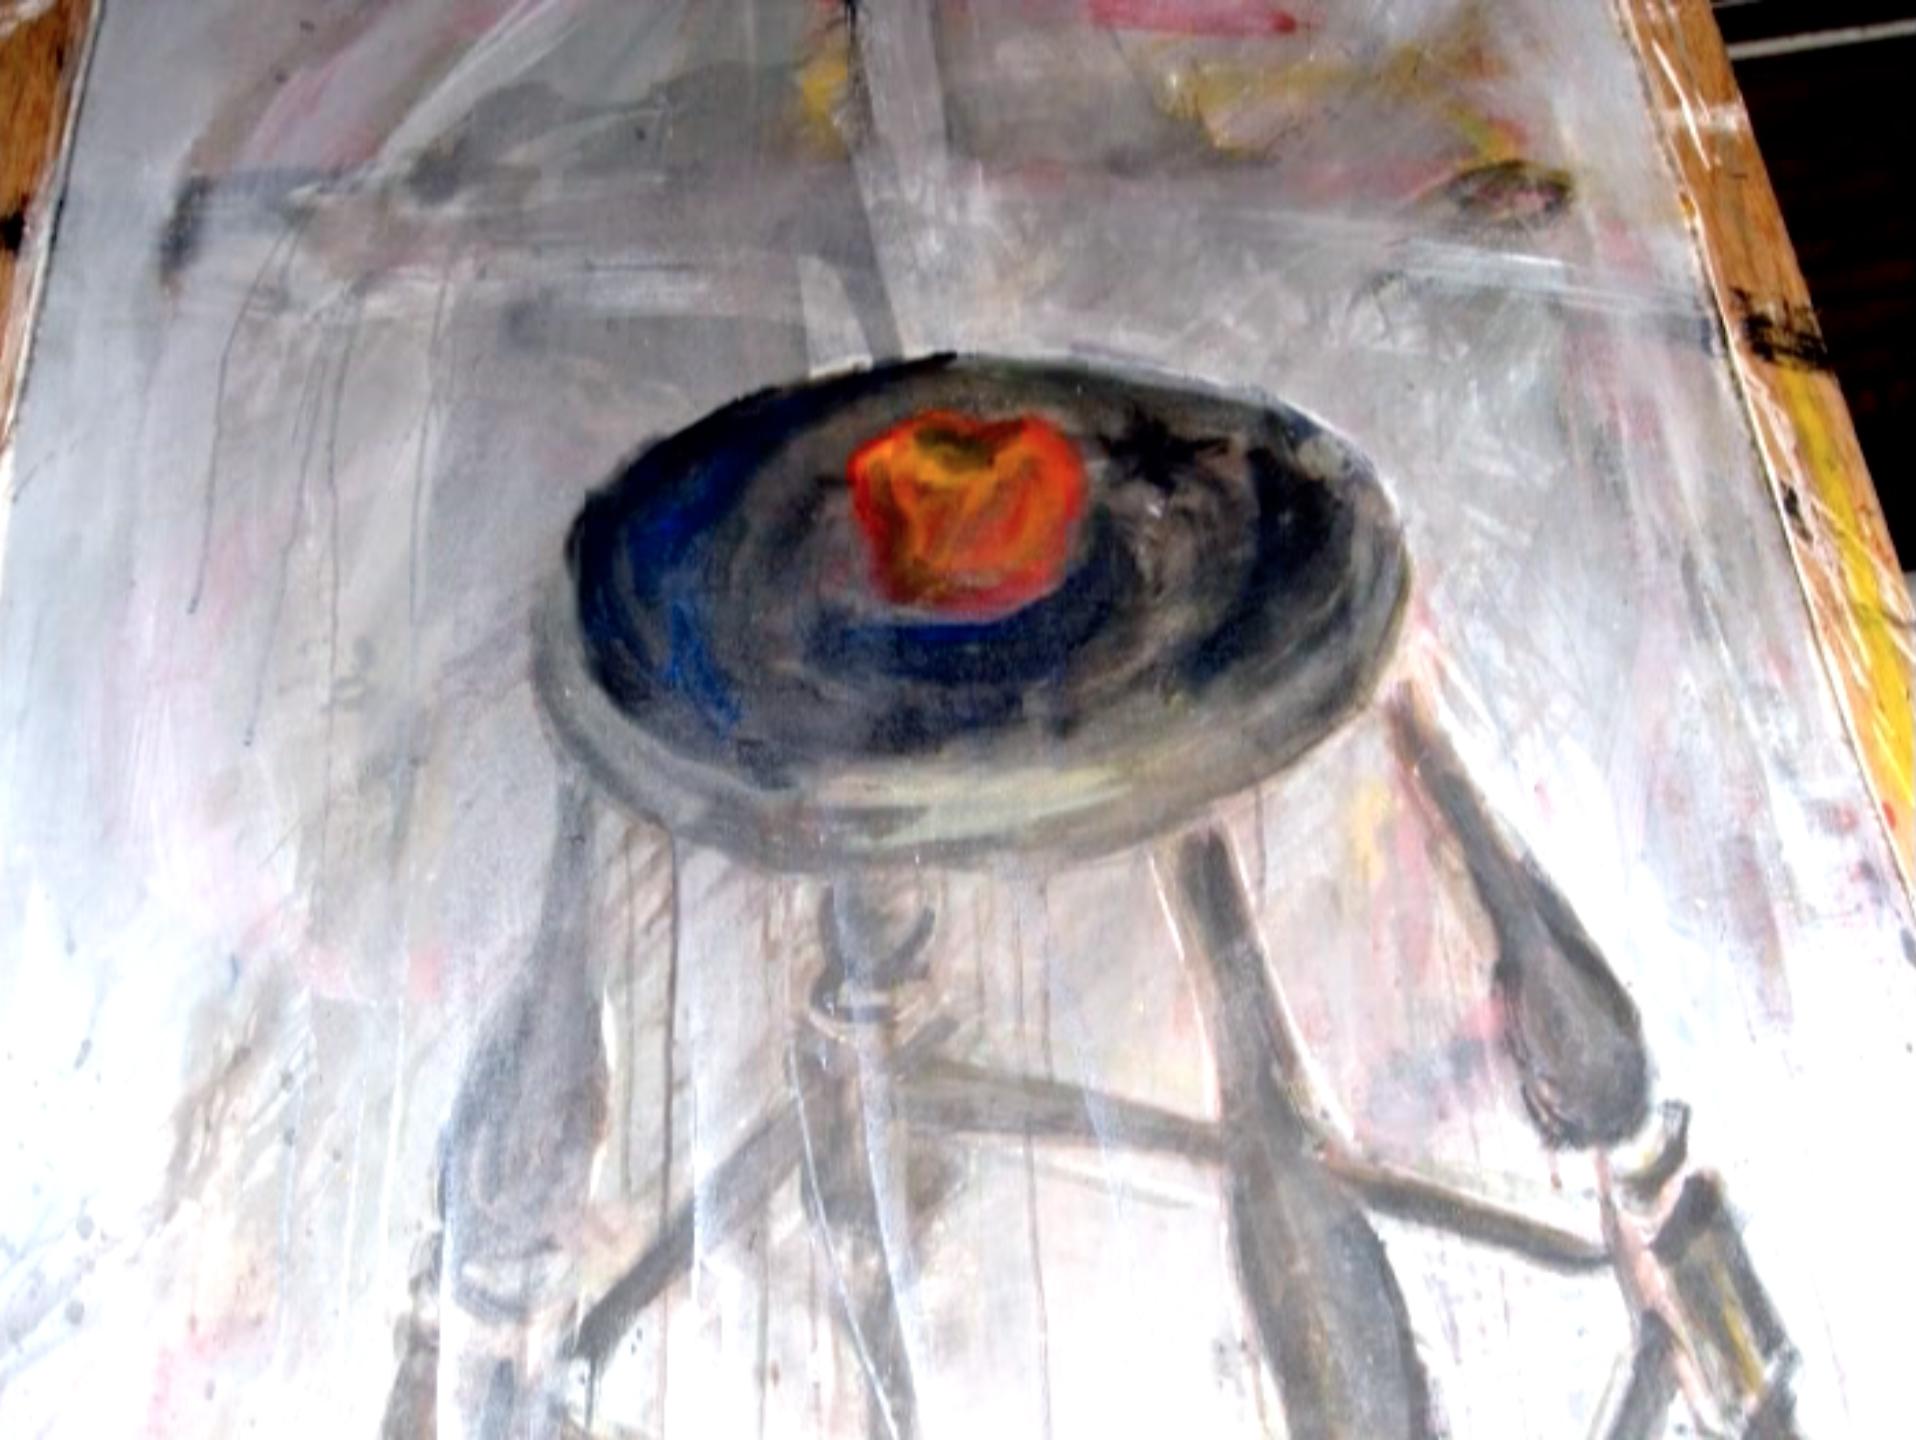 Proyecto de la manzana parte 1,2 y 3 ● Juan David Zapata